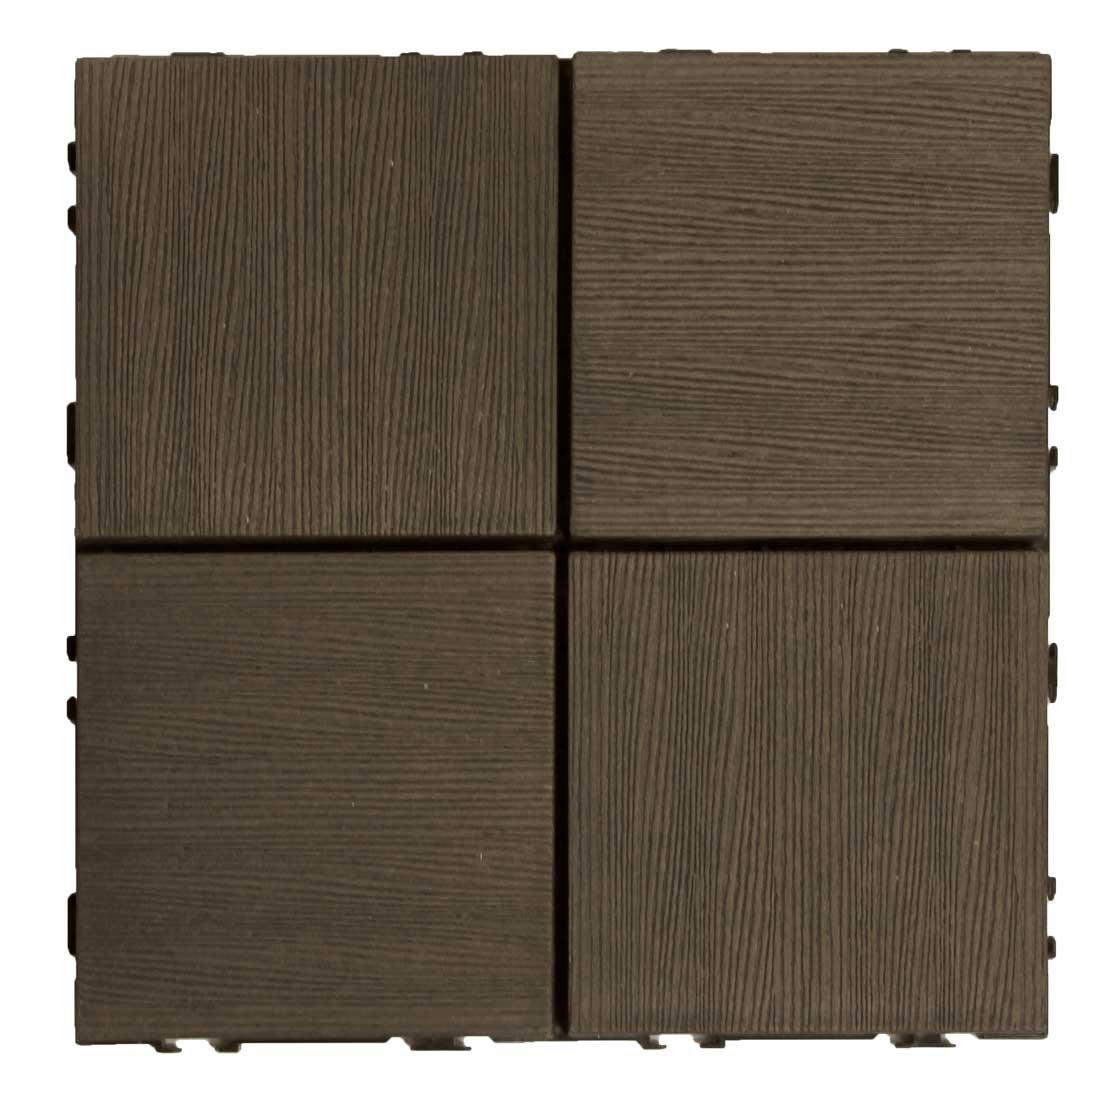 タンスのゲン ウッドパネル 樹脂 81枚セット 7.3平米用 ジョイント式 30×30cm 正方形 Cタイプ:ブラウン AM000088 05 B06ZY242Y3 29500 81枚セット|ブラウン(Cタイプ) ブラウン(Cタイプ) 81枚セット